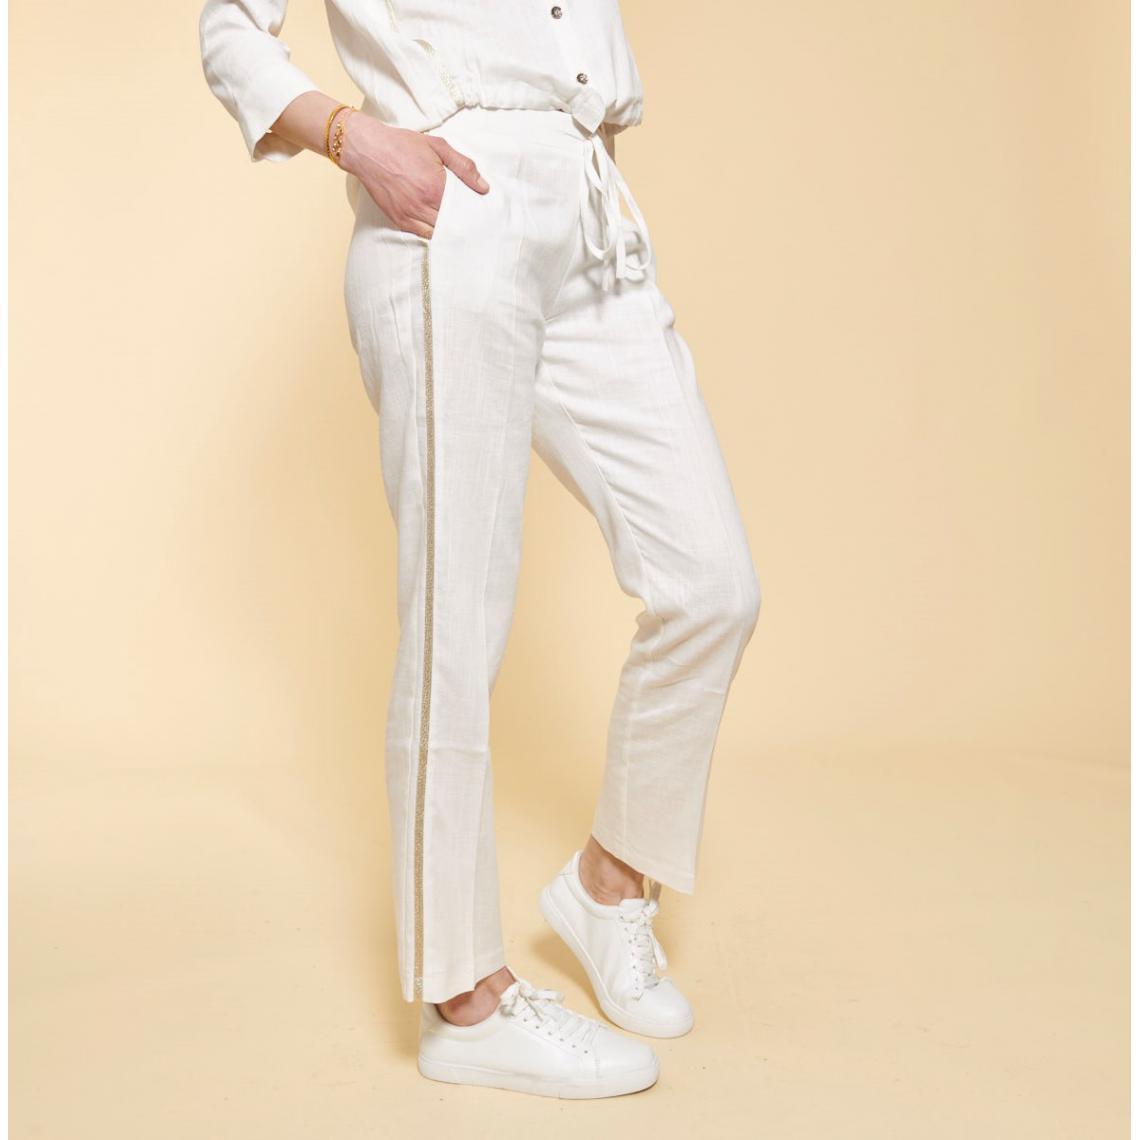 3f98338c7f32d Pantalon en lin avec bandes appliquées 3 SUISSES Collection Femme